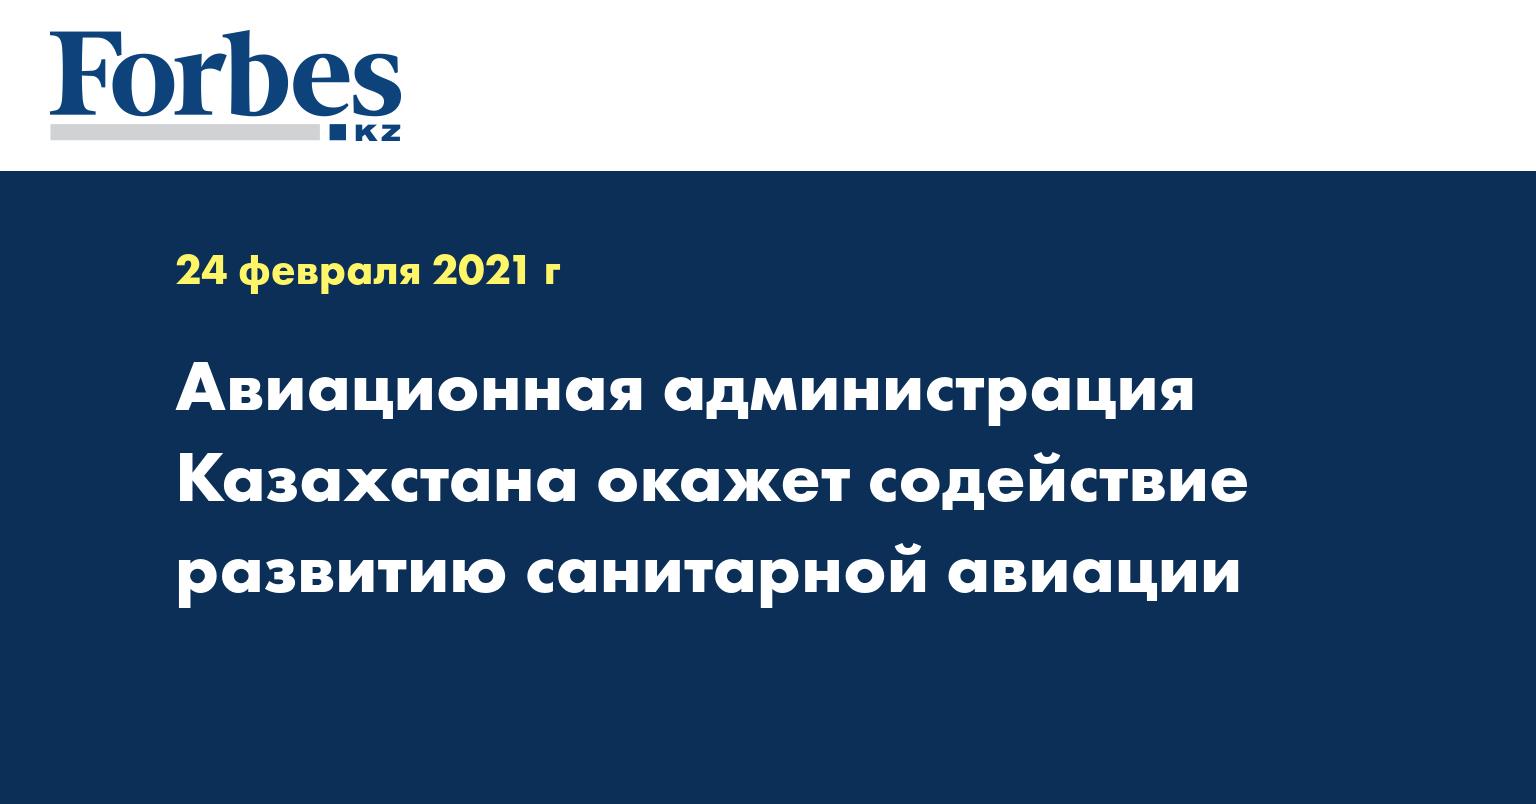 Авиационная администрация Казахстана окажет содействие развитию санитарной авиации